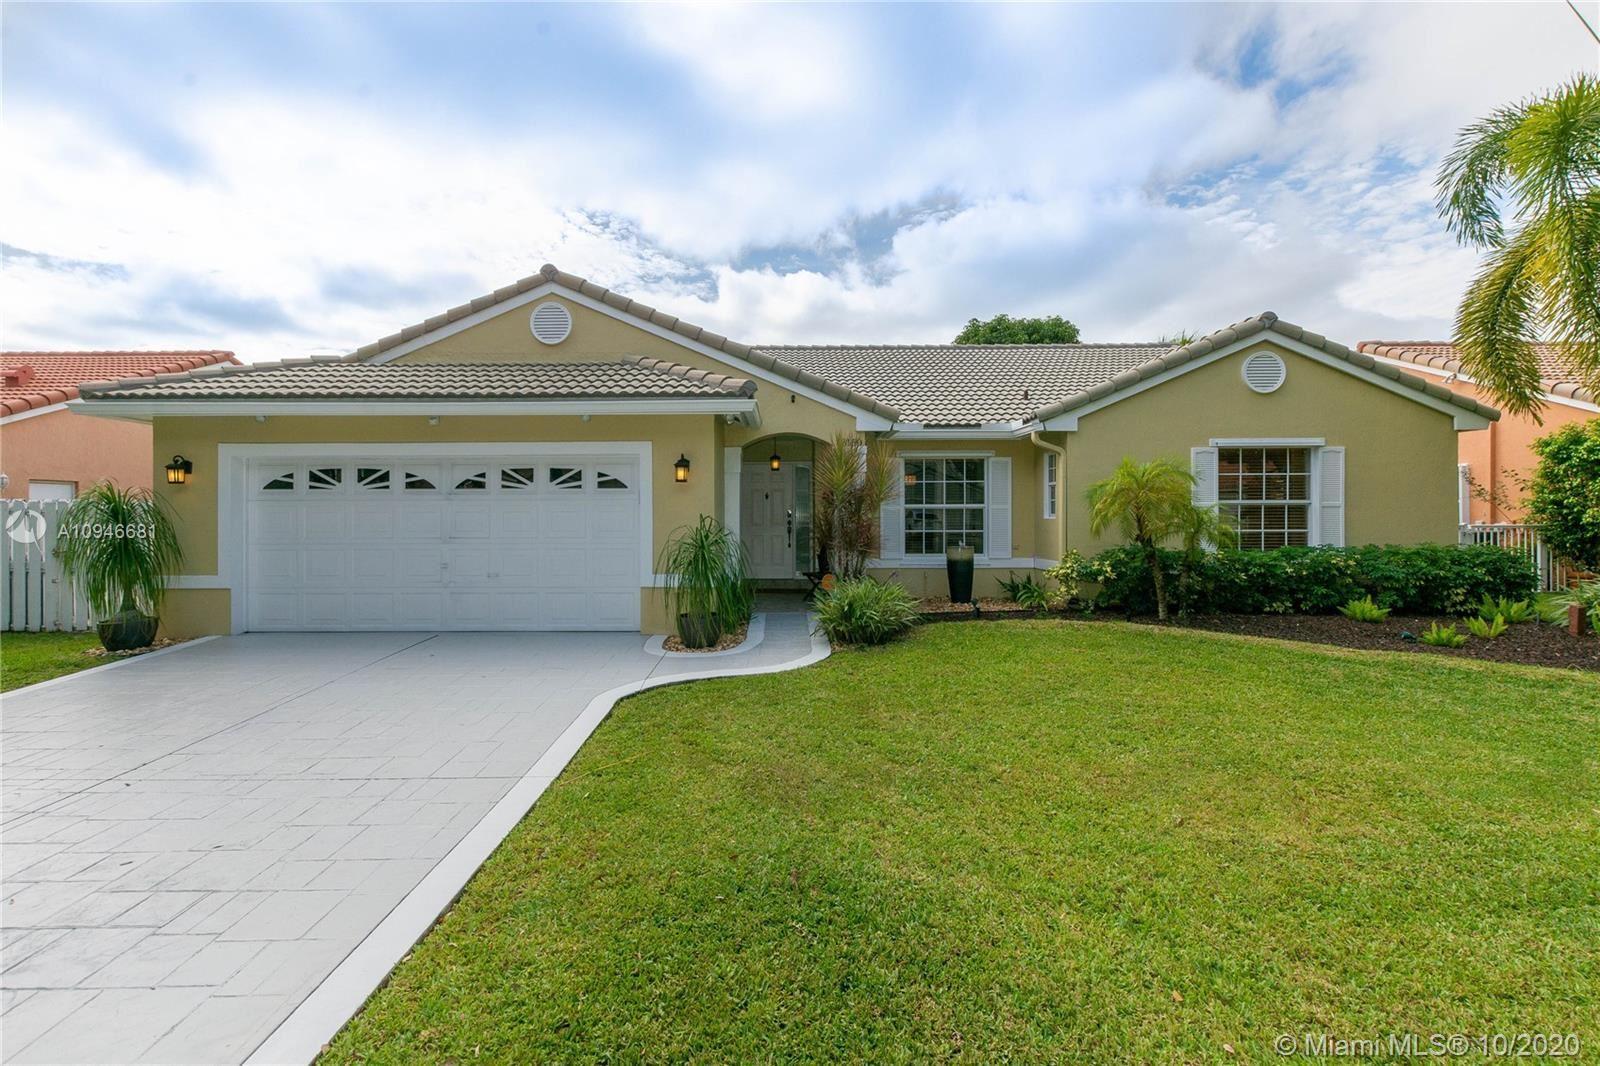 Photo of 13150 SW 17th Ct, Miramar, FL 33027 (MLS # A10946681)